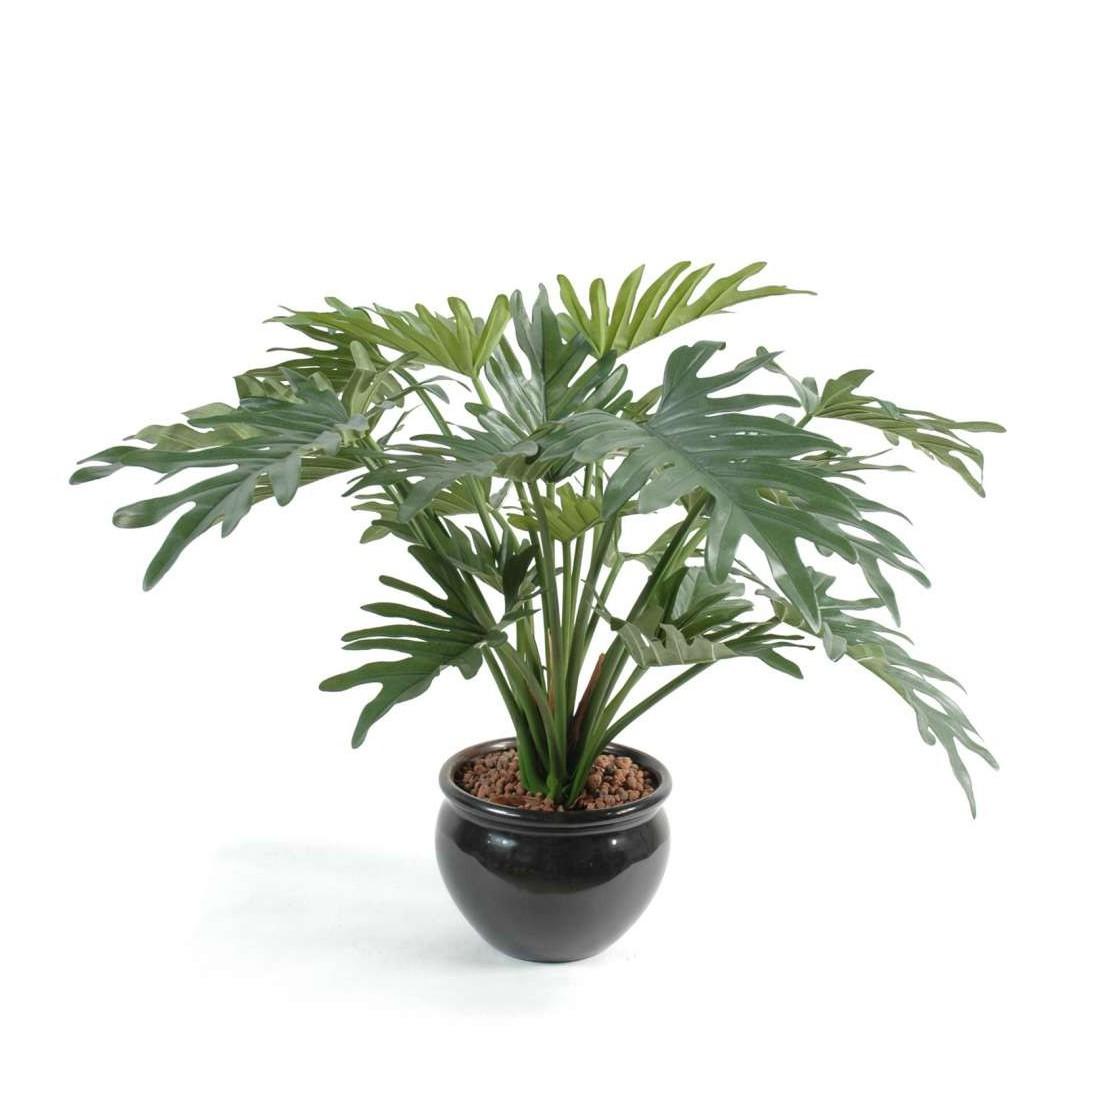 Philodendron selloum artificiel 50 cm plantes for Plantes artificielles lyon